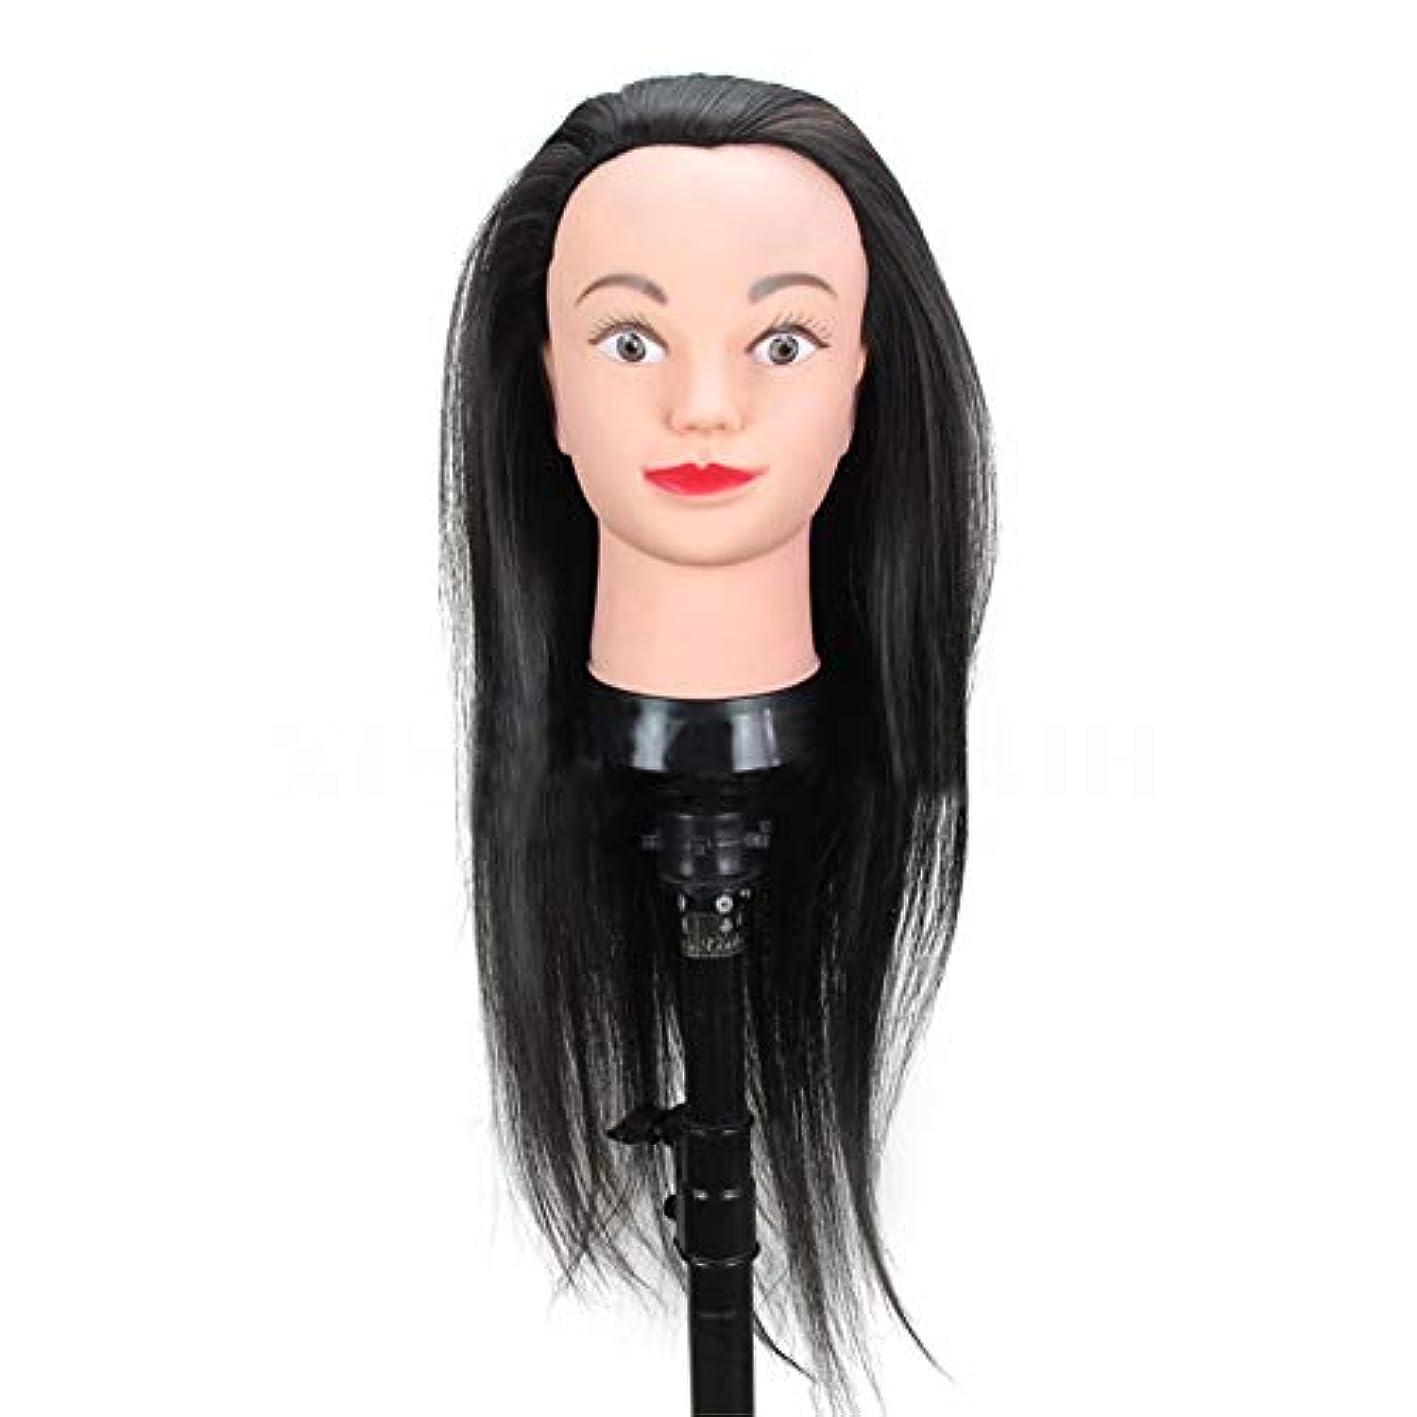 実業家イディオムドロップ高温シルク編組ヘアスタイリングヘッドモデル理髪店理髪ダミーヘッド化粧練習マネキンヘッド